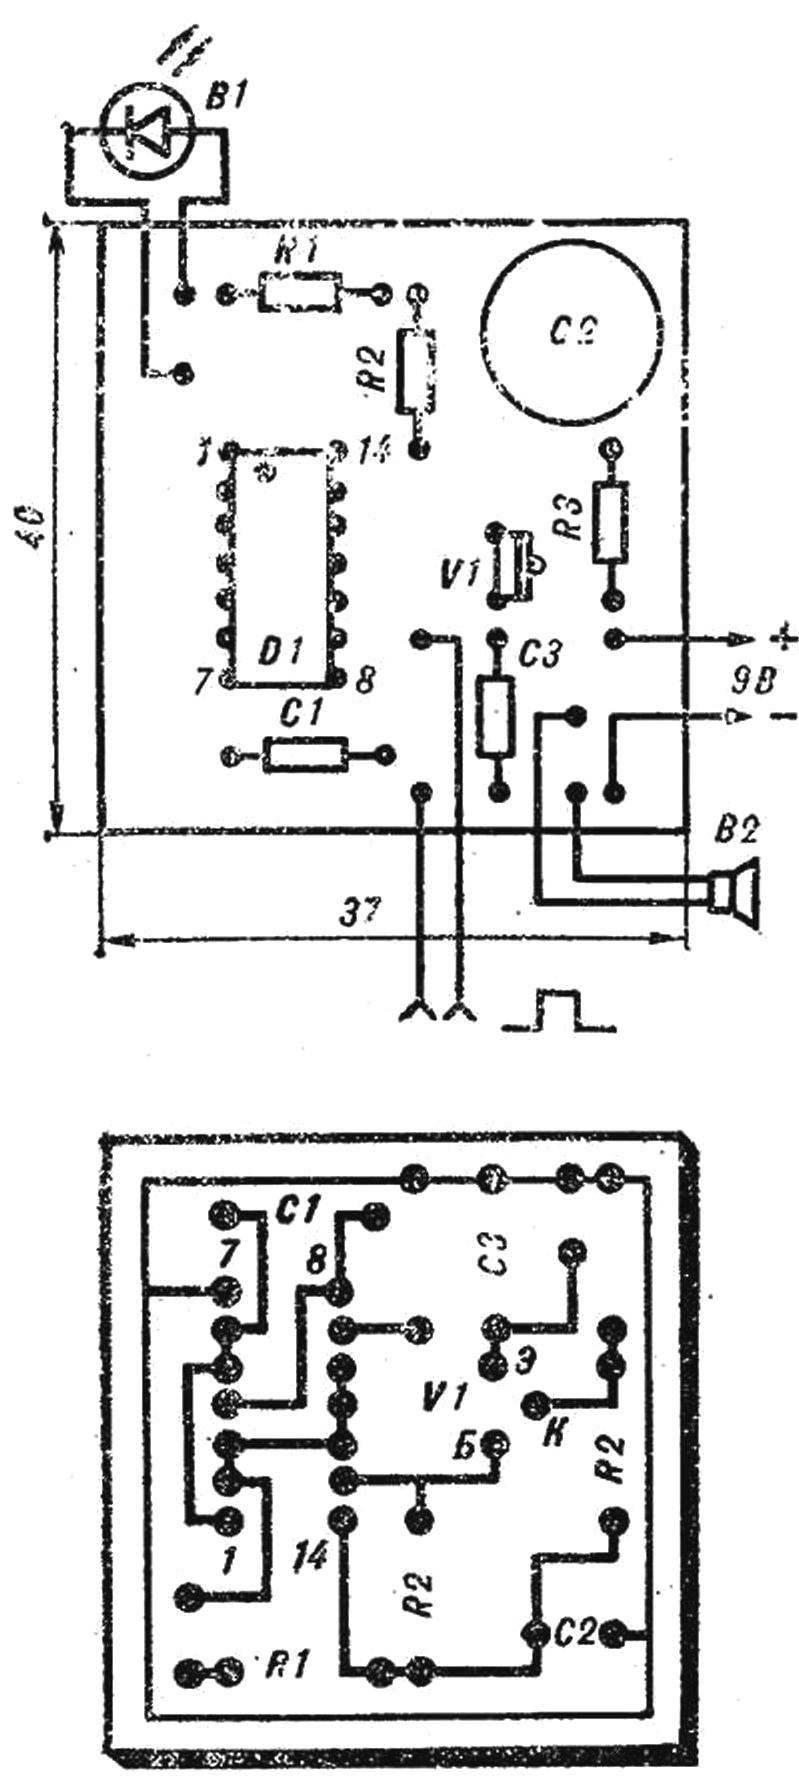 Рис. 3. Печатная плата светозвукогенератора с расположением деталей